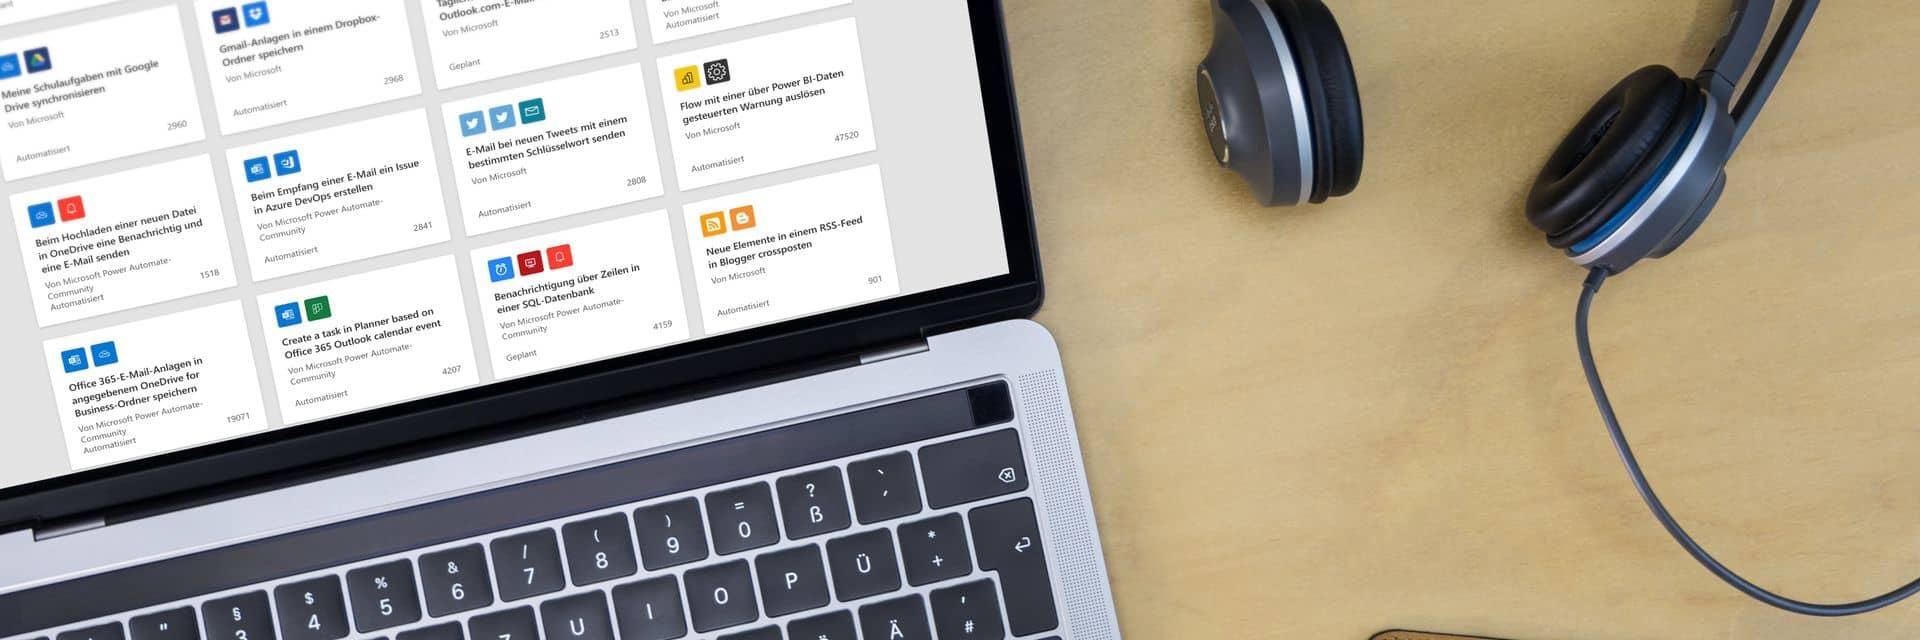 Laptop mit Power Automate, Smartphone und Kopfhörern